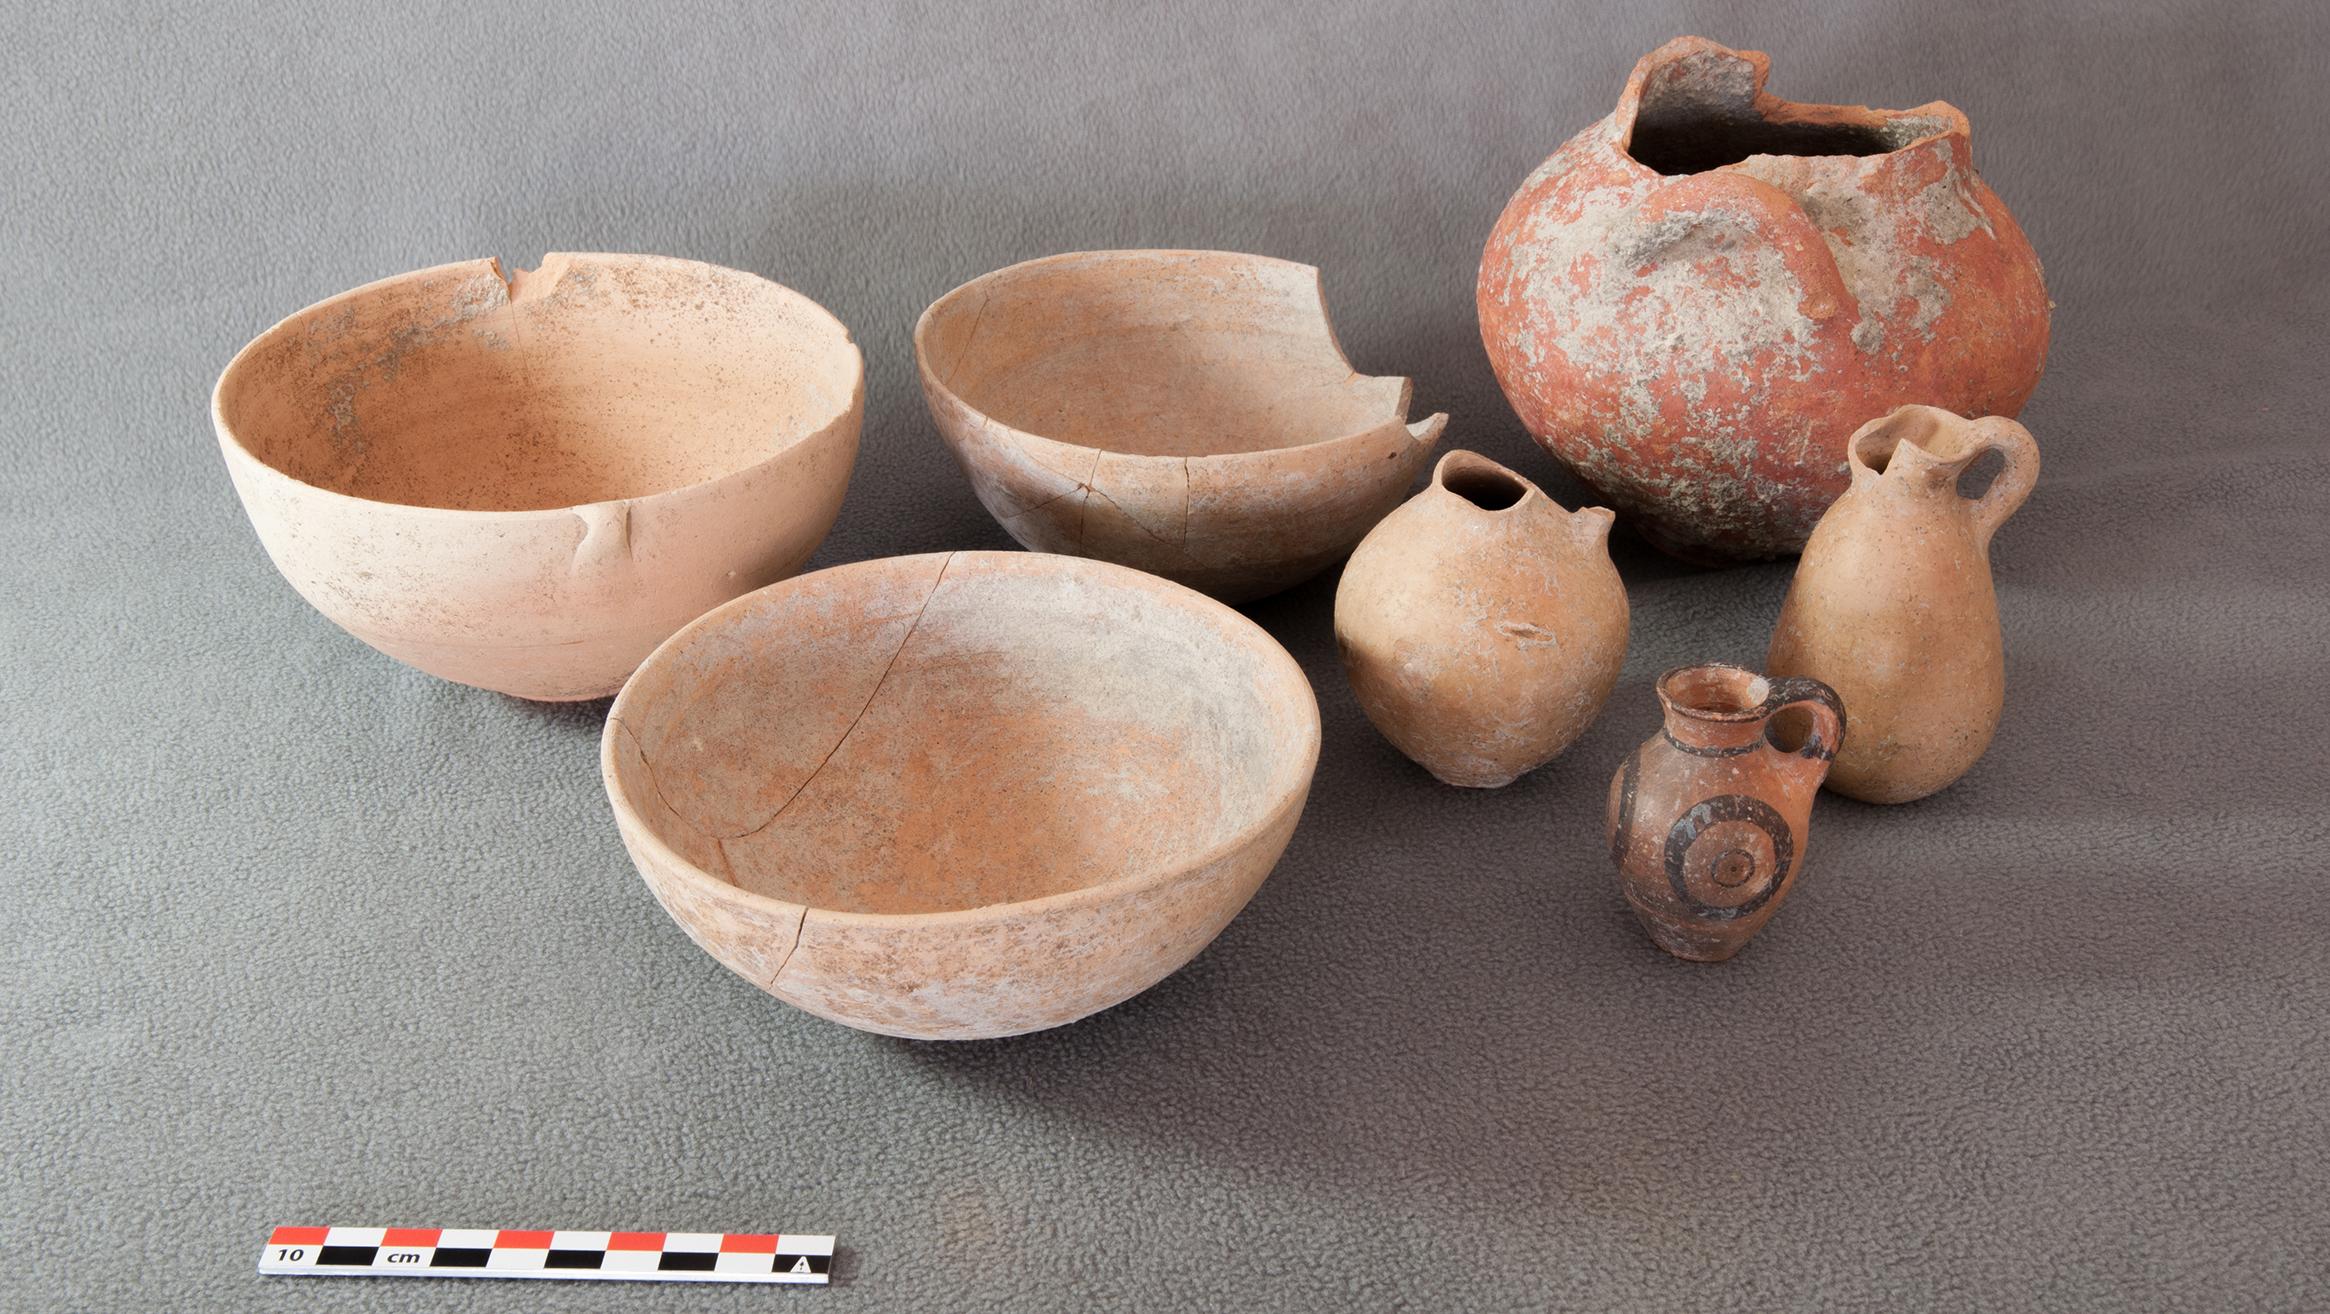 Keramikgefässe, die um drei Schafskelette gruppiert niedergelegt waren. © Institut für Archäologische Wissenschaften der Universität Bern, Projekt Sirkeli Höyük